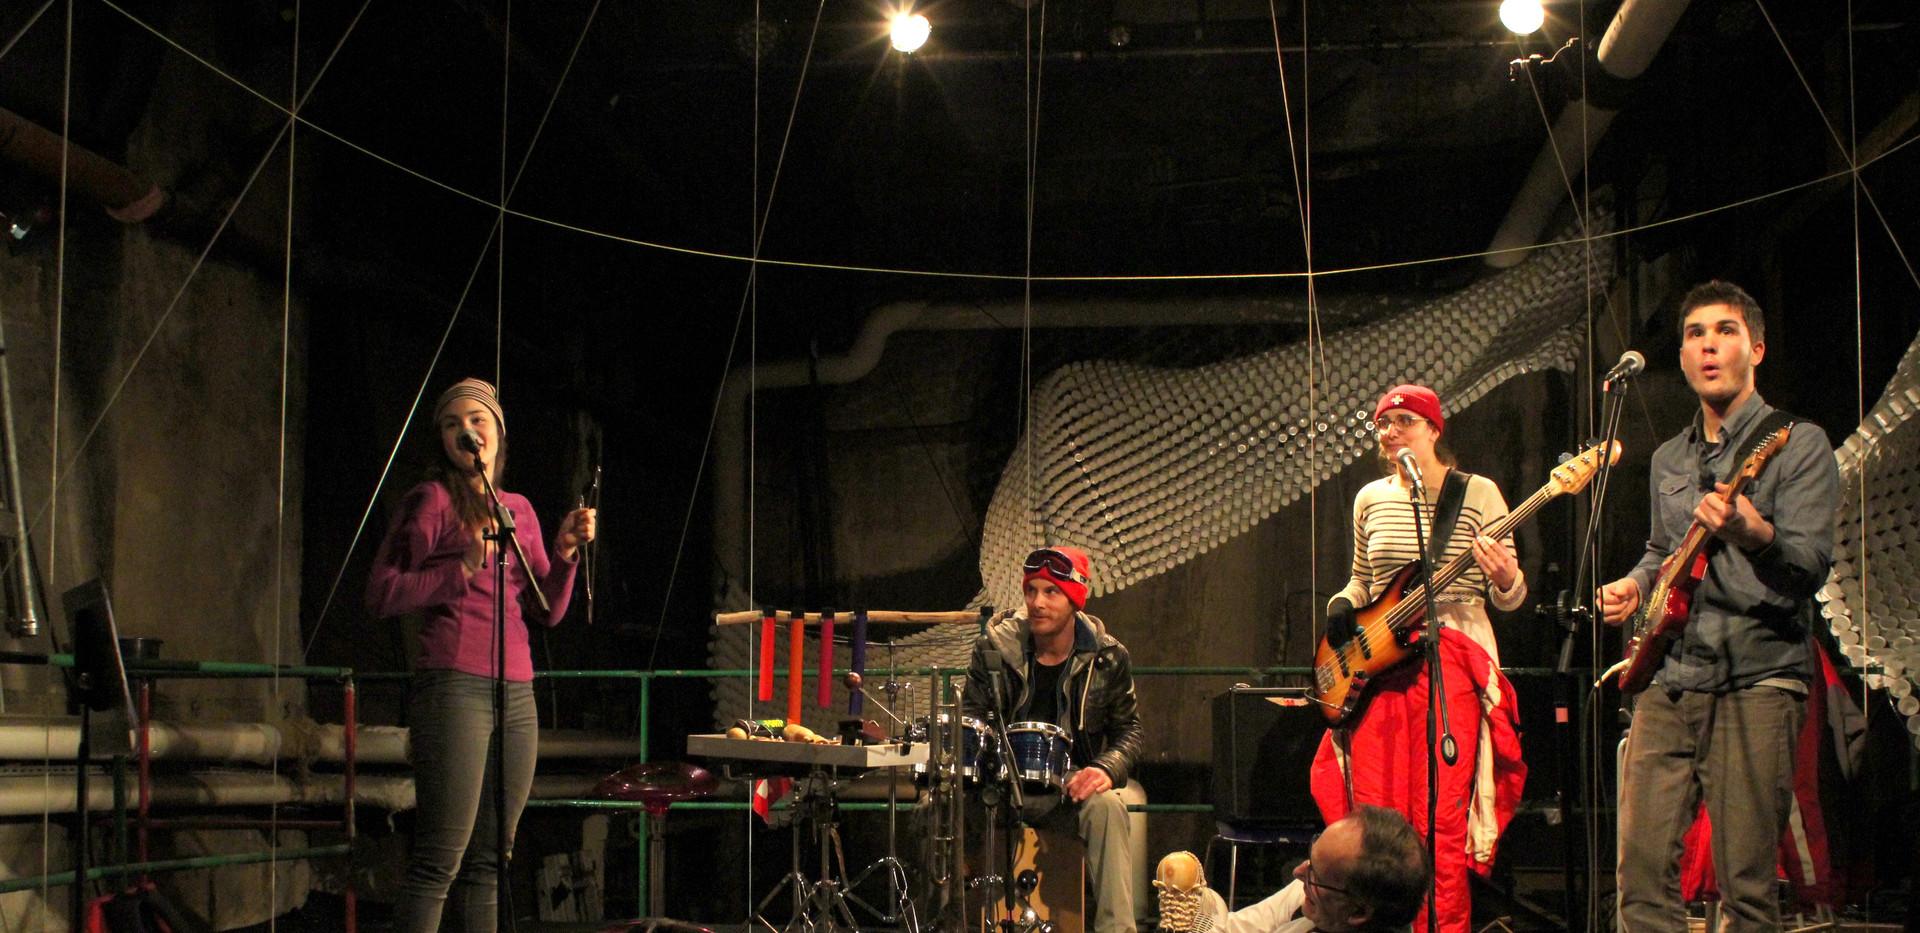 Helvète on the Ground_Concert à la Main